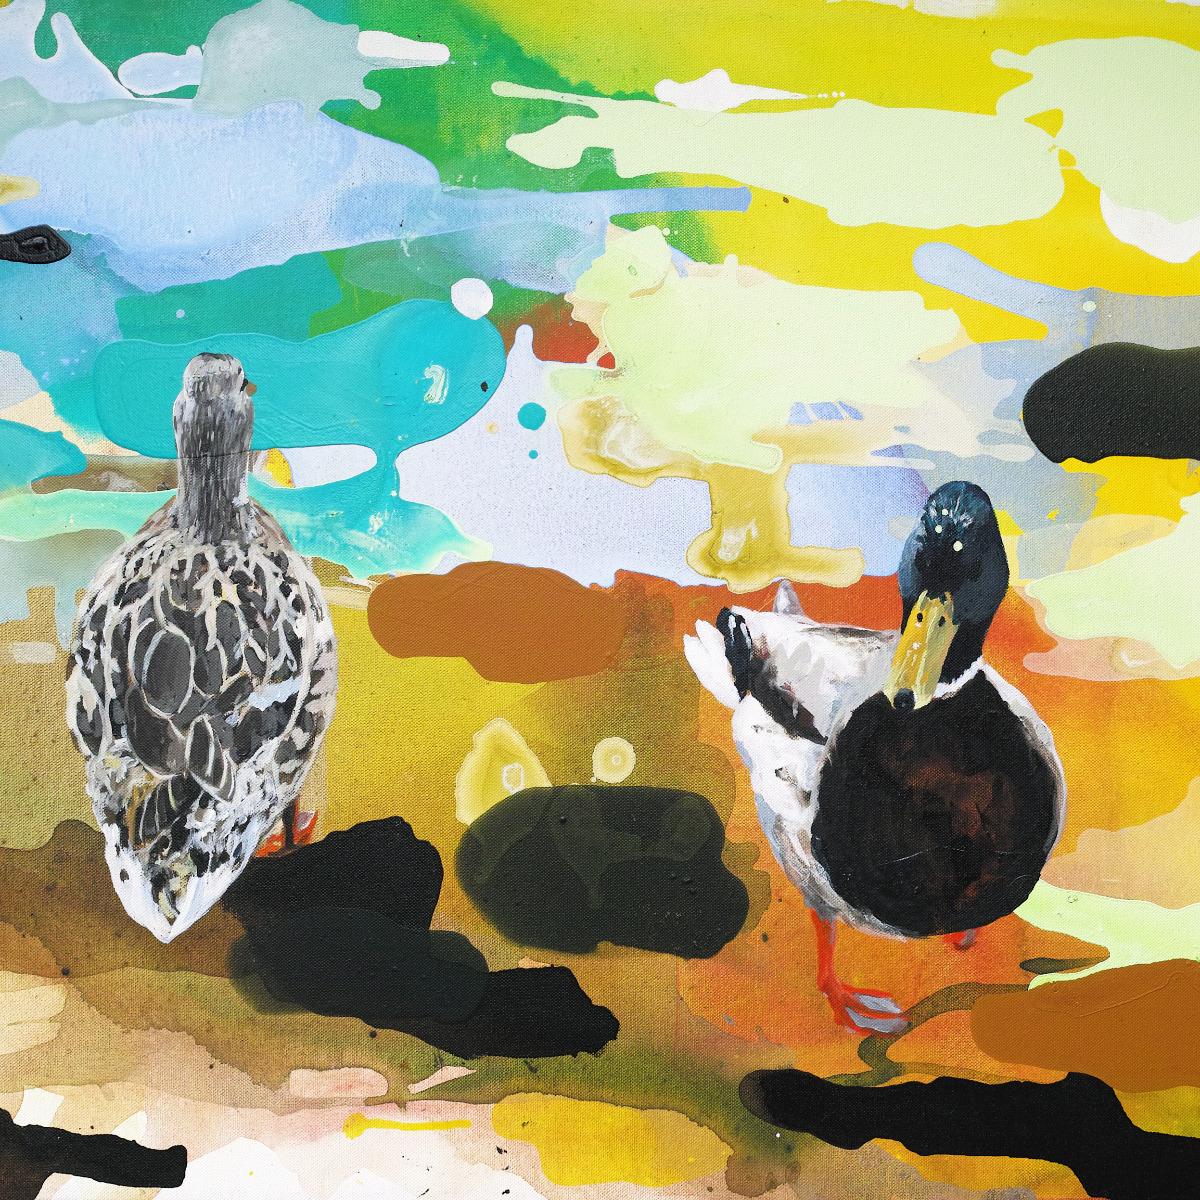 Entenpaar, 2019, Acryl auf Leinwand, 60 x 70 cm (Ausschnitt)